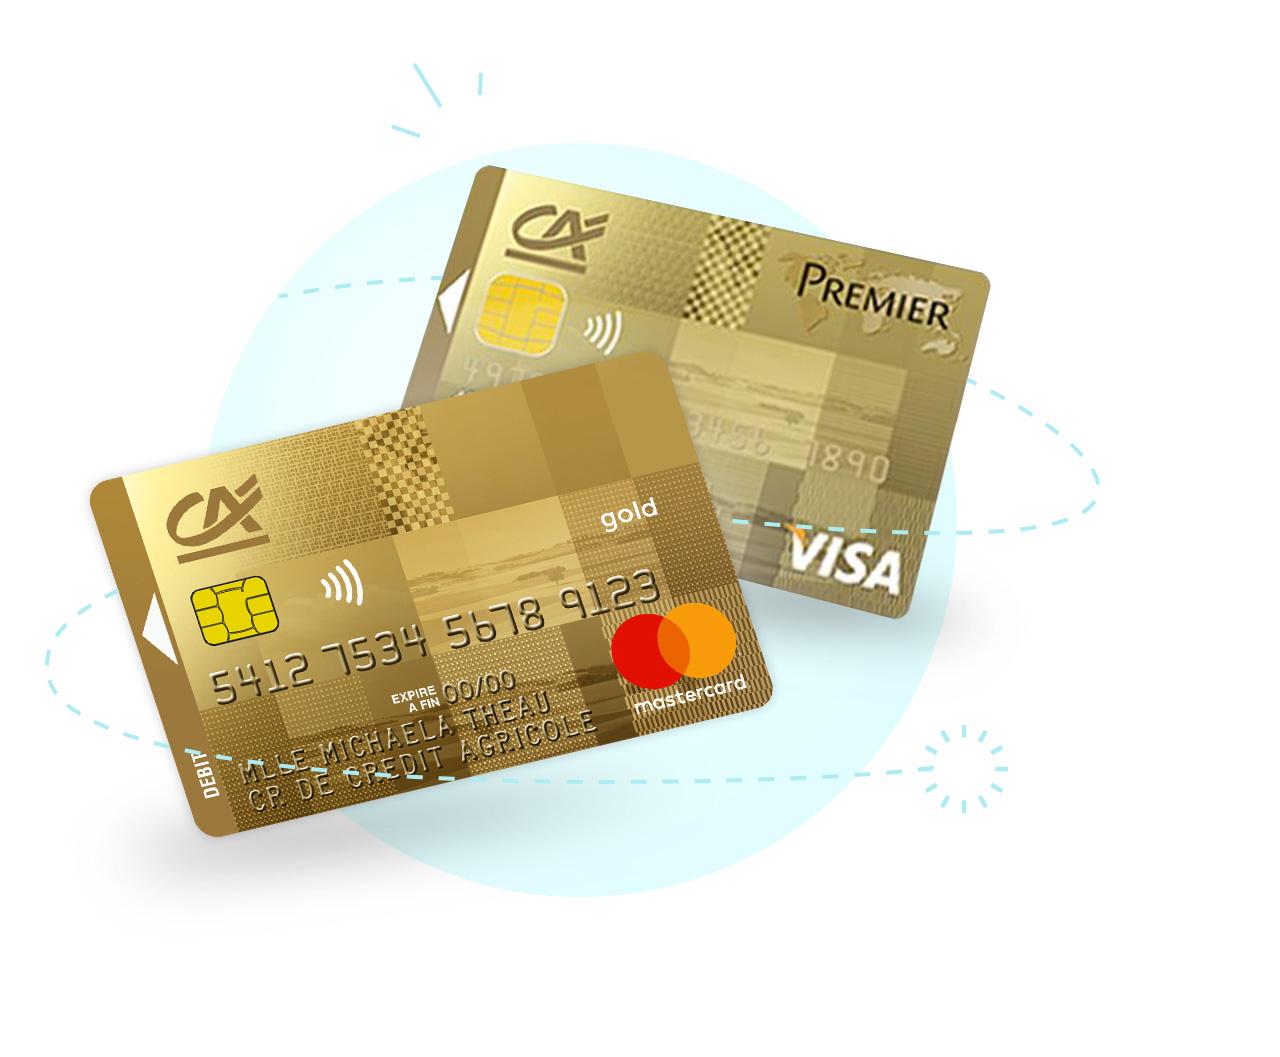 Carte Gold Credit Agricole.Credit Agricole Du Morbihan Tout Roule En Premium